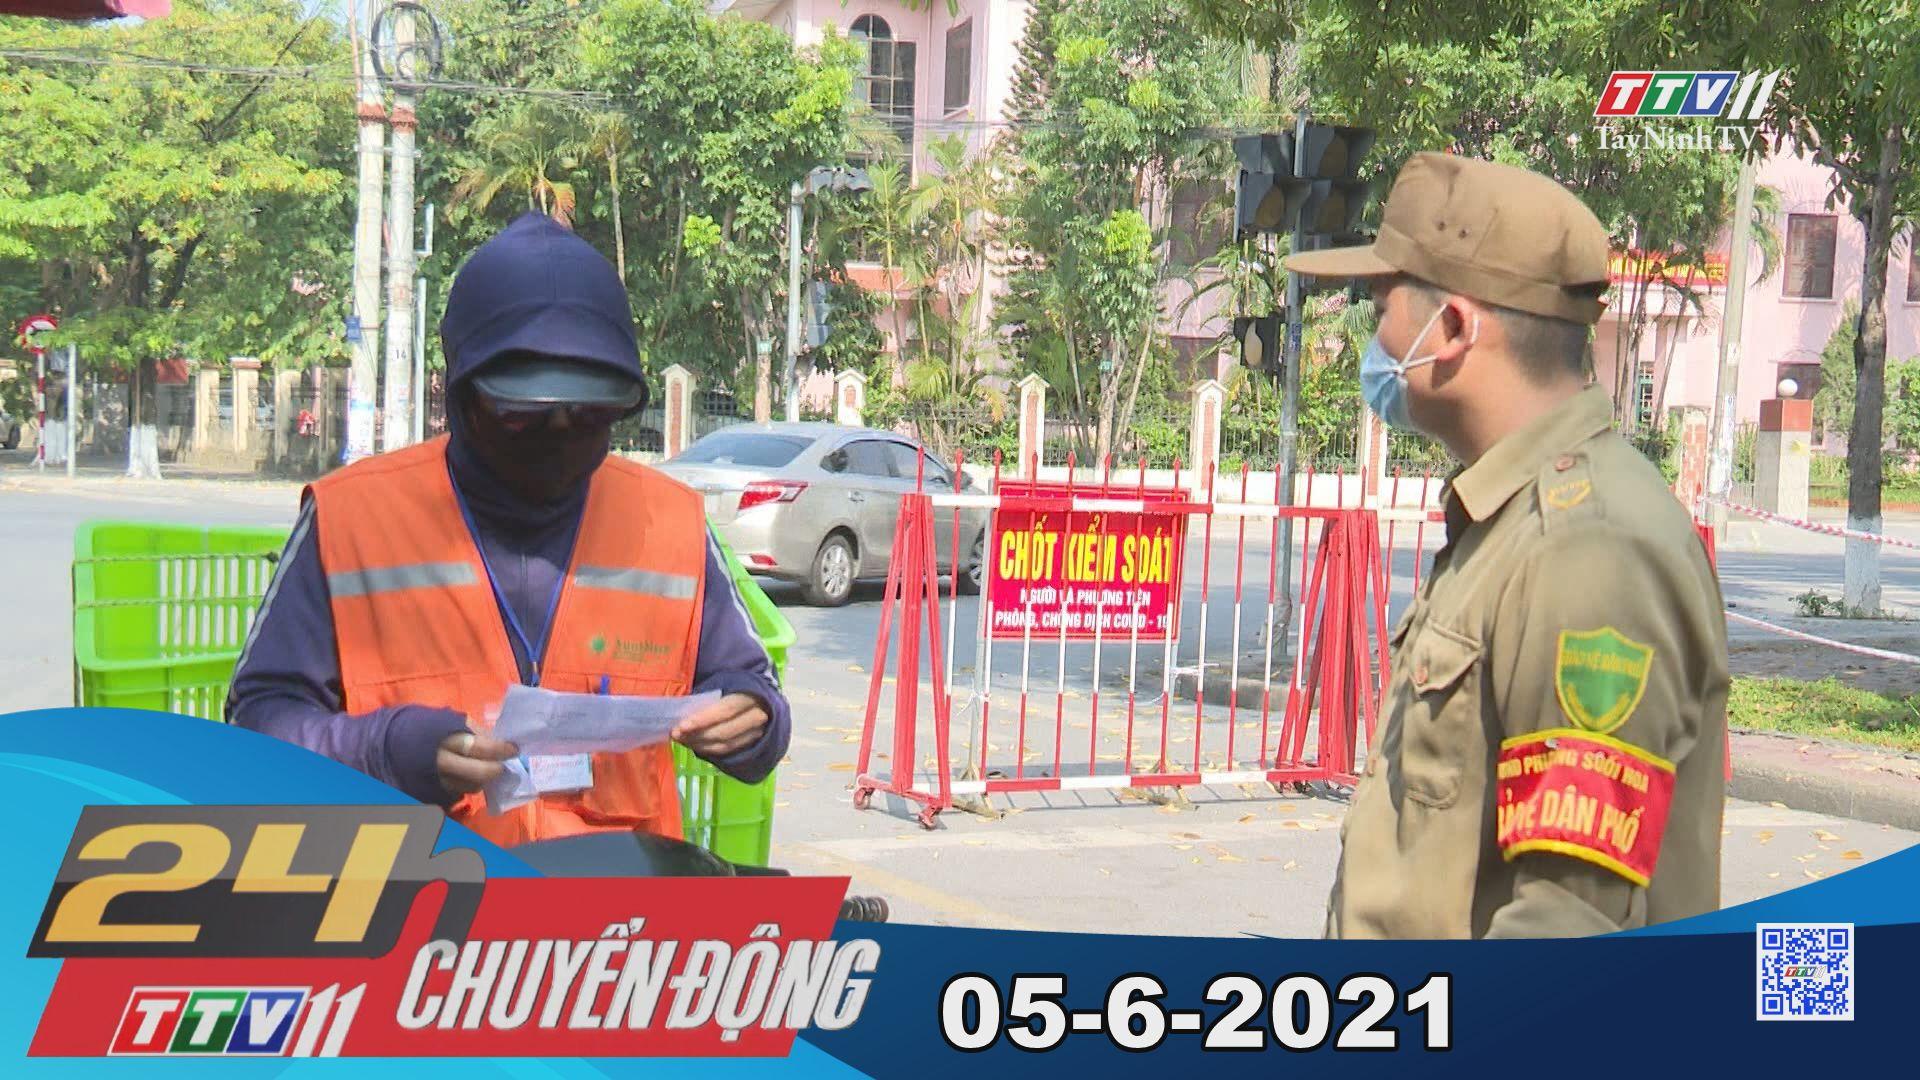 24h Chuyển động 05-6-2021 | Tin tức hôm nay | TayNinhTV